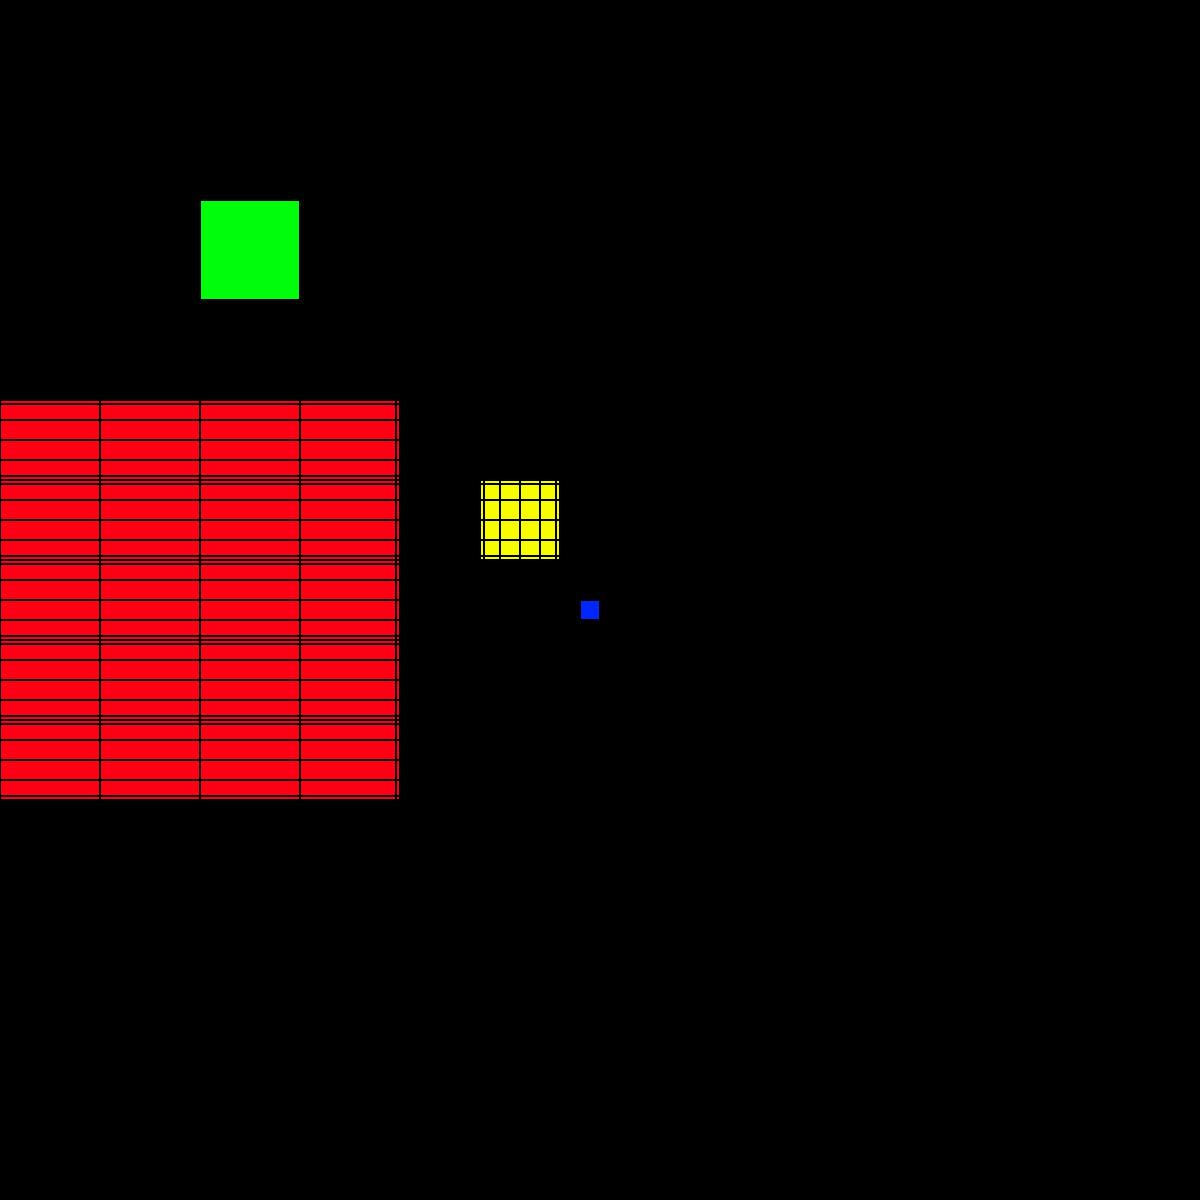 Haemocytometer Grid png